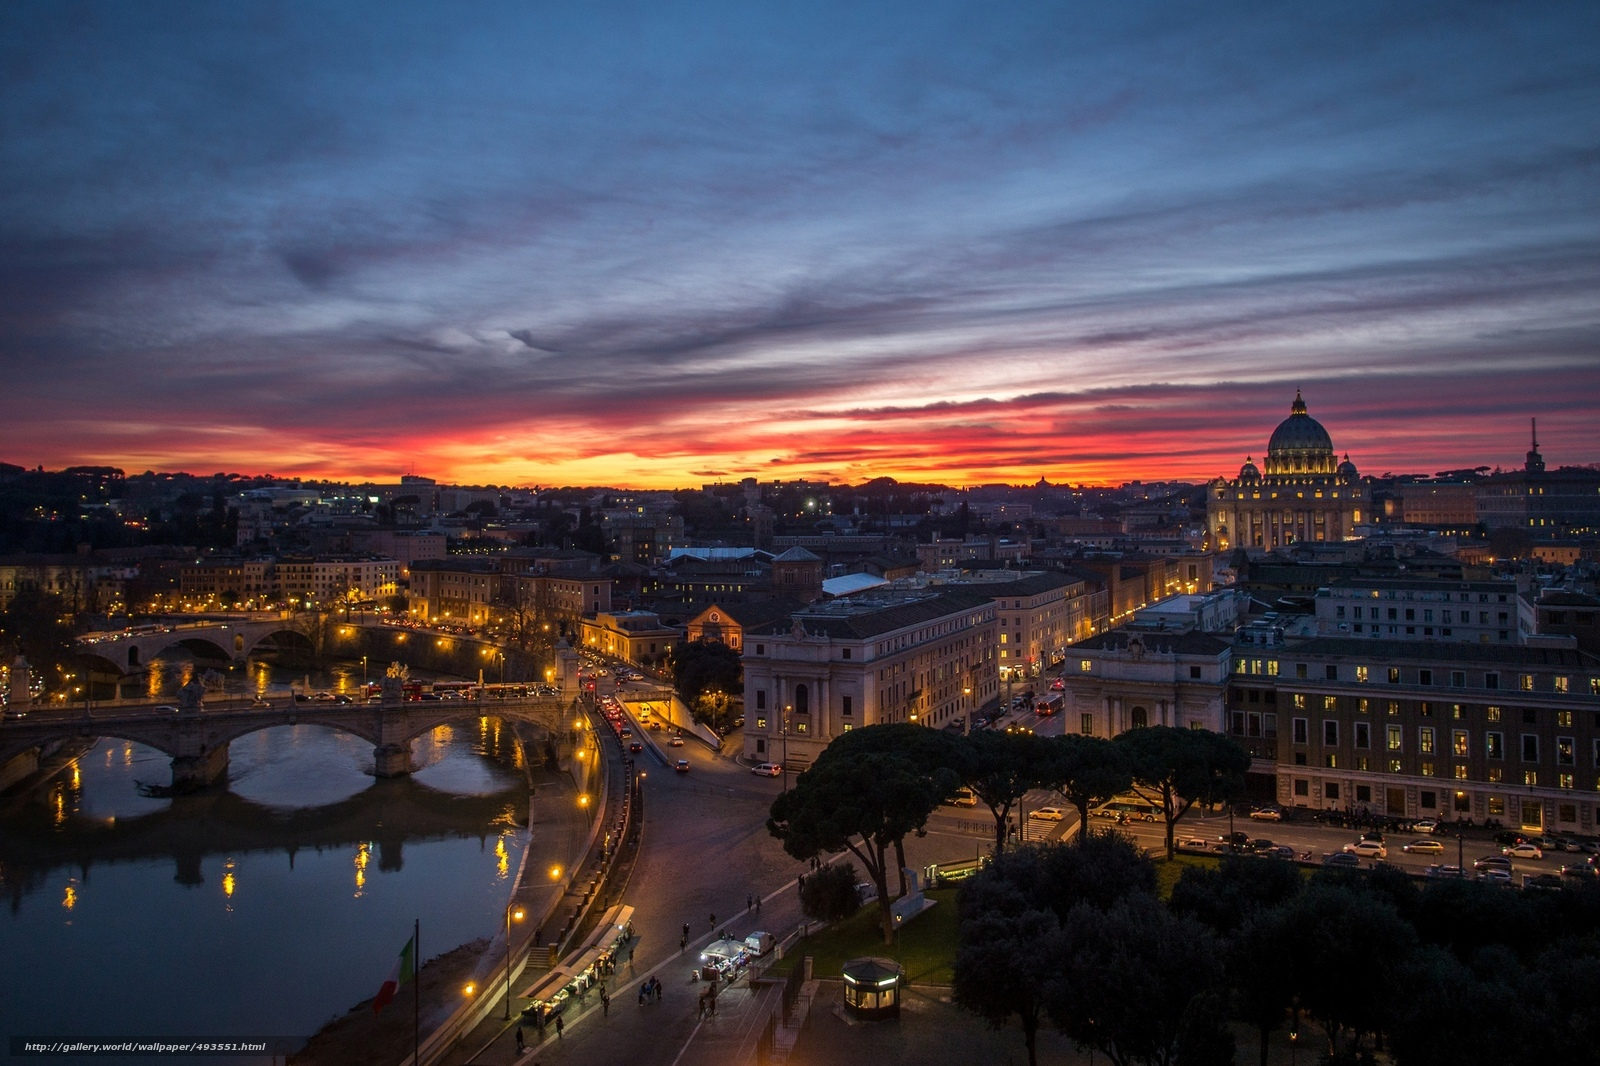 tlcharger fond decran rome - photo #20